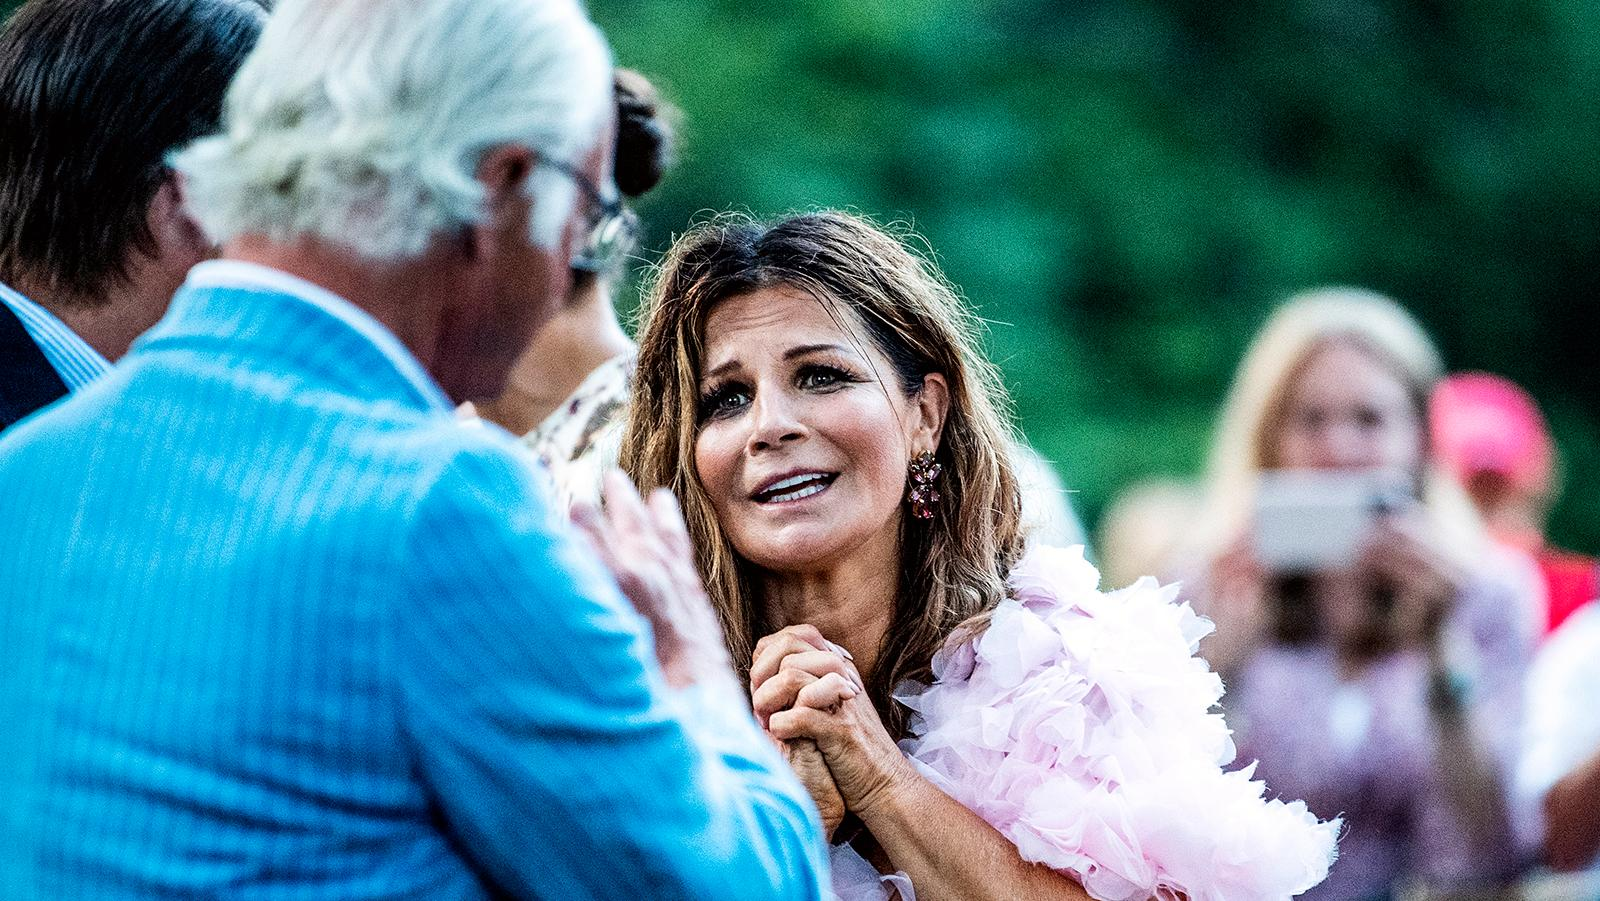 Carola i samtal med hans majestät i Borgholm i veckan.